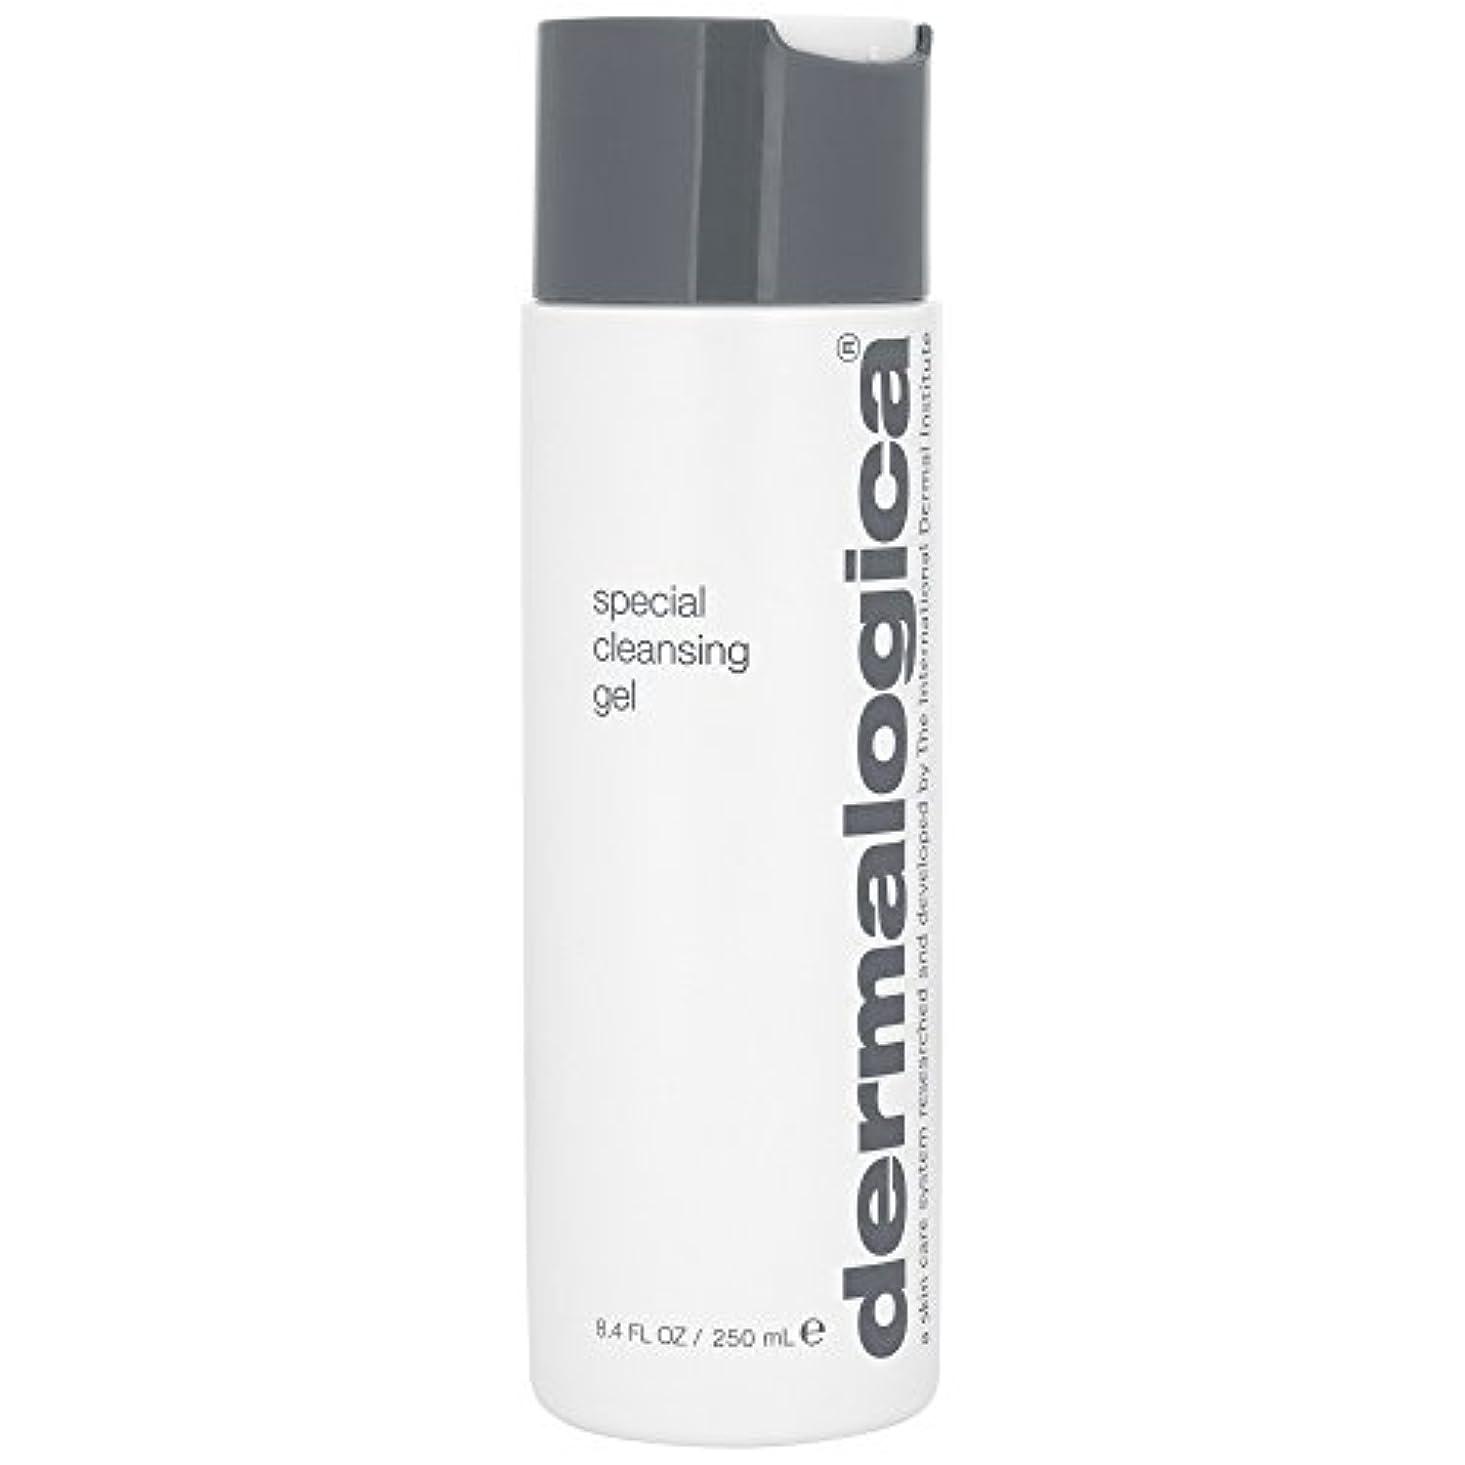 偽善者たるみ主観的ダーマロジカ特別なクレンジングゲル250ミリリットル (Dermalogica) (x2) - Dermalogica Special Cleansing Gel 250ml (Pack of 2) [並行輸入品]